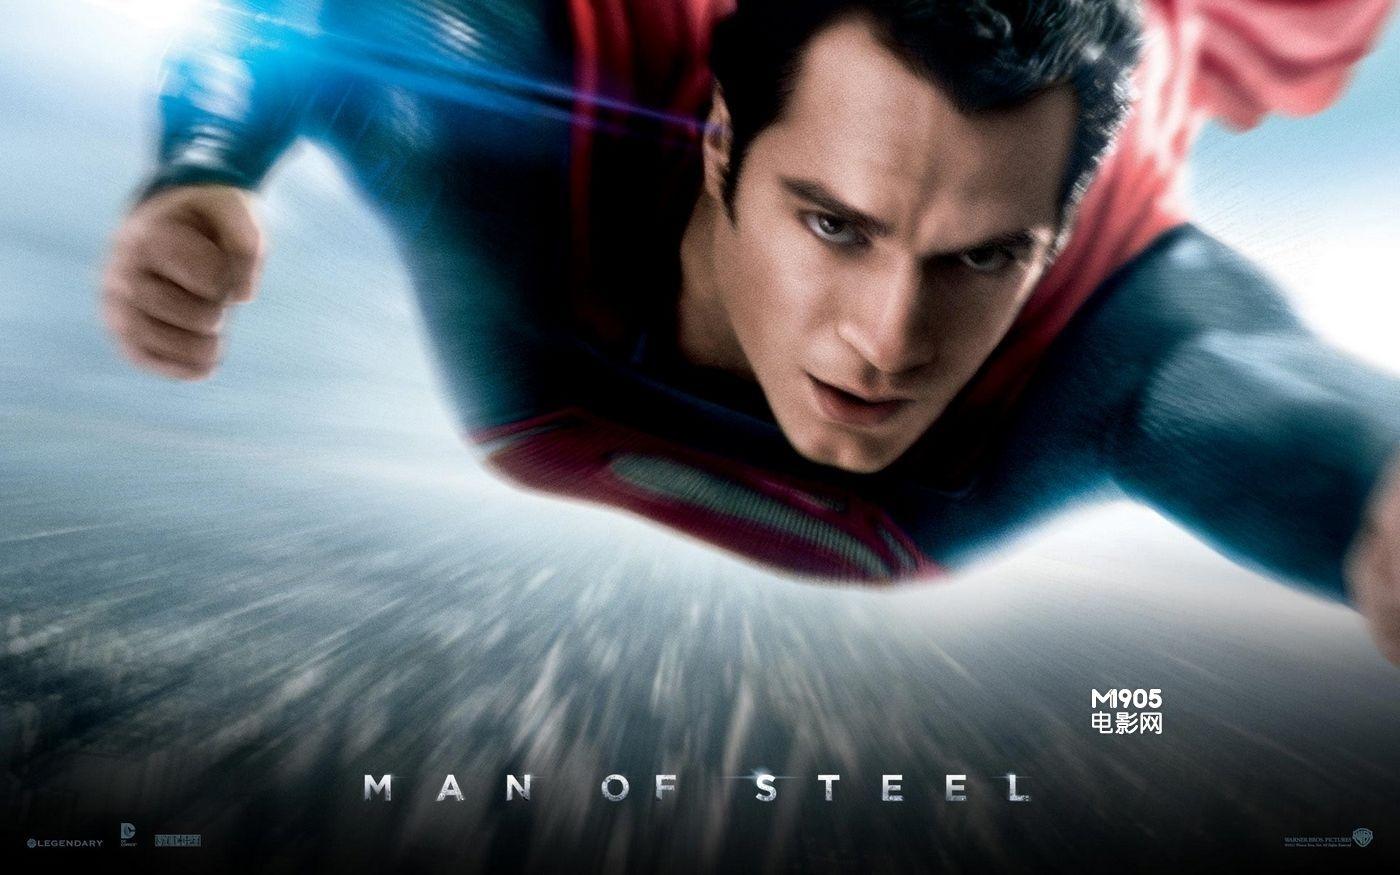 超人 再曝双横版海报 超人 佐德空中对峙